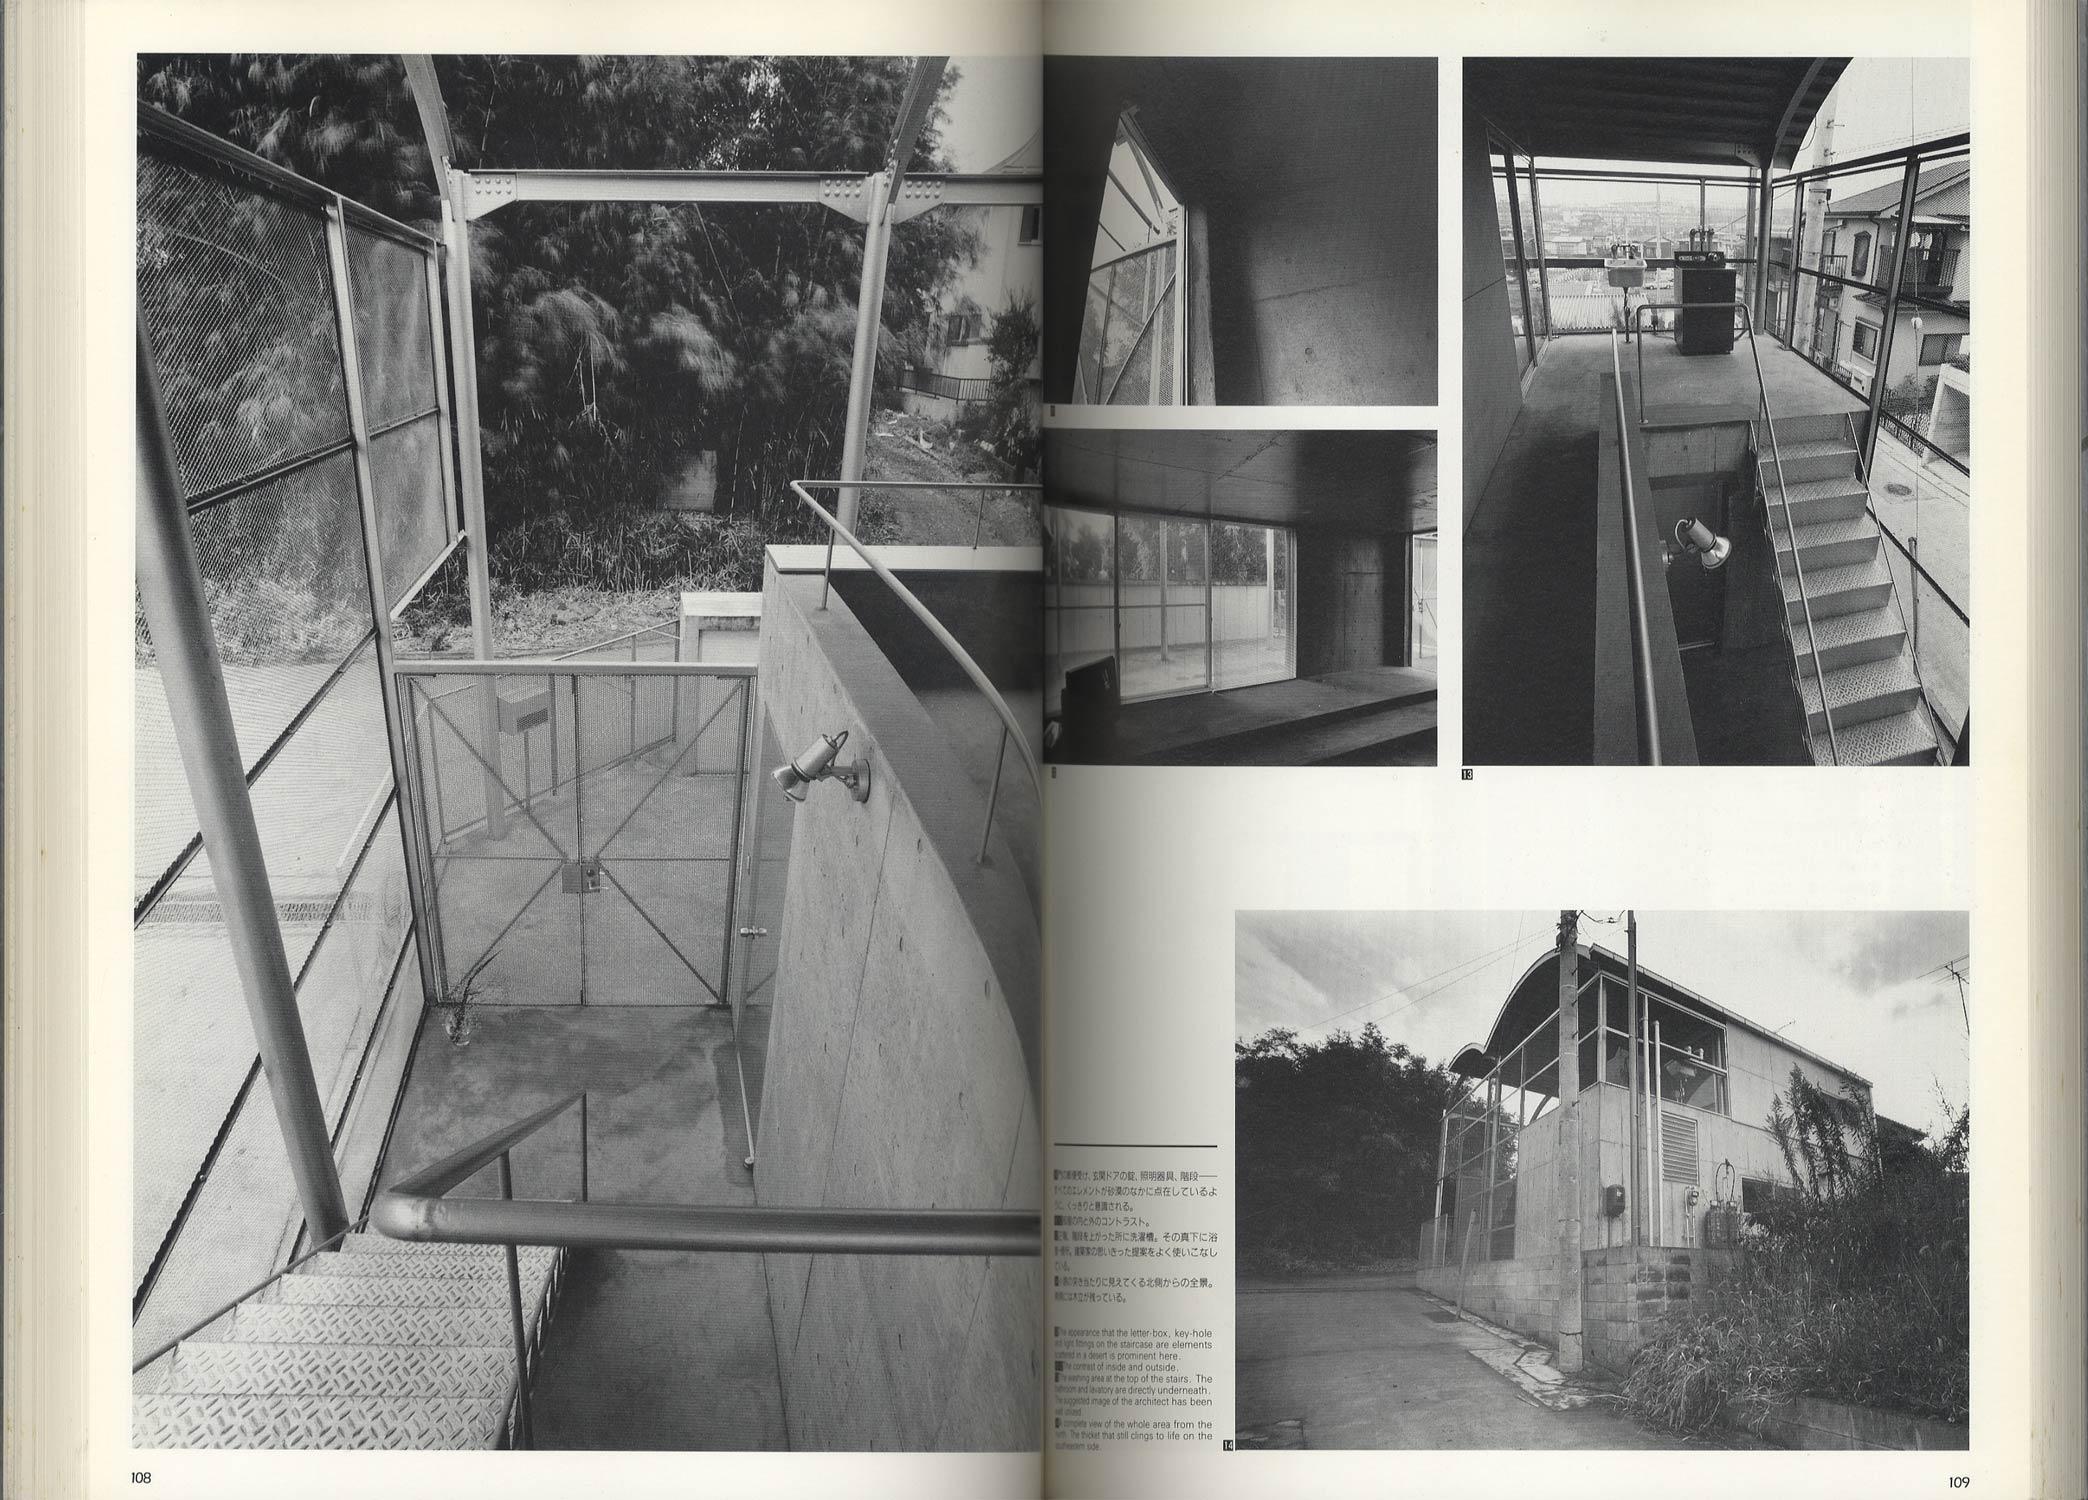 ジャパン・ハウス 打放しコンクリート住宅の現在[image2]